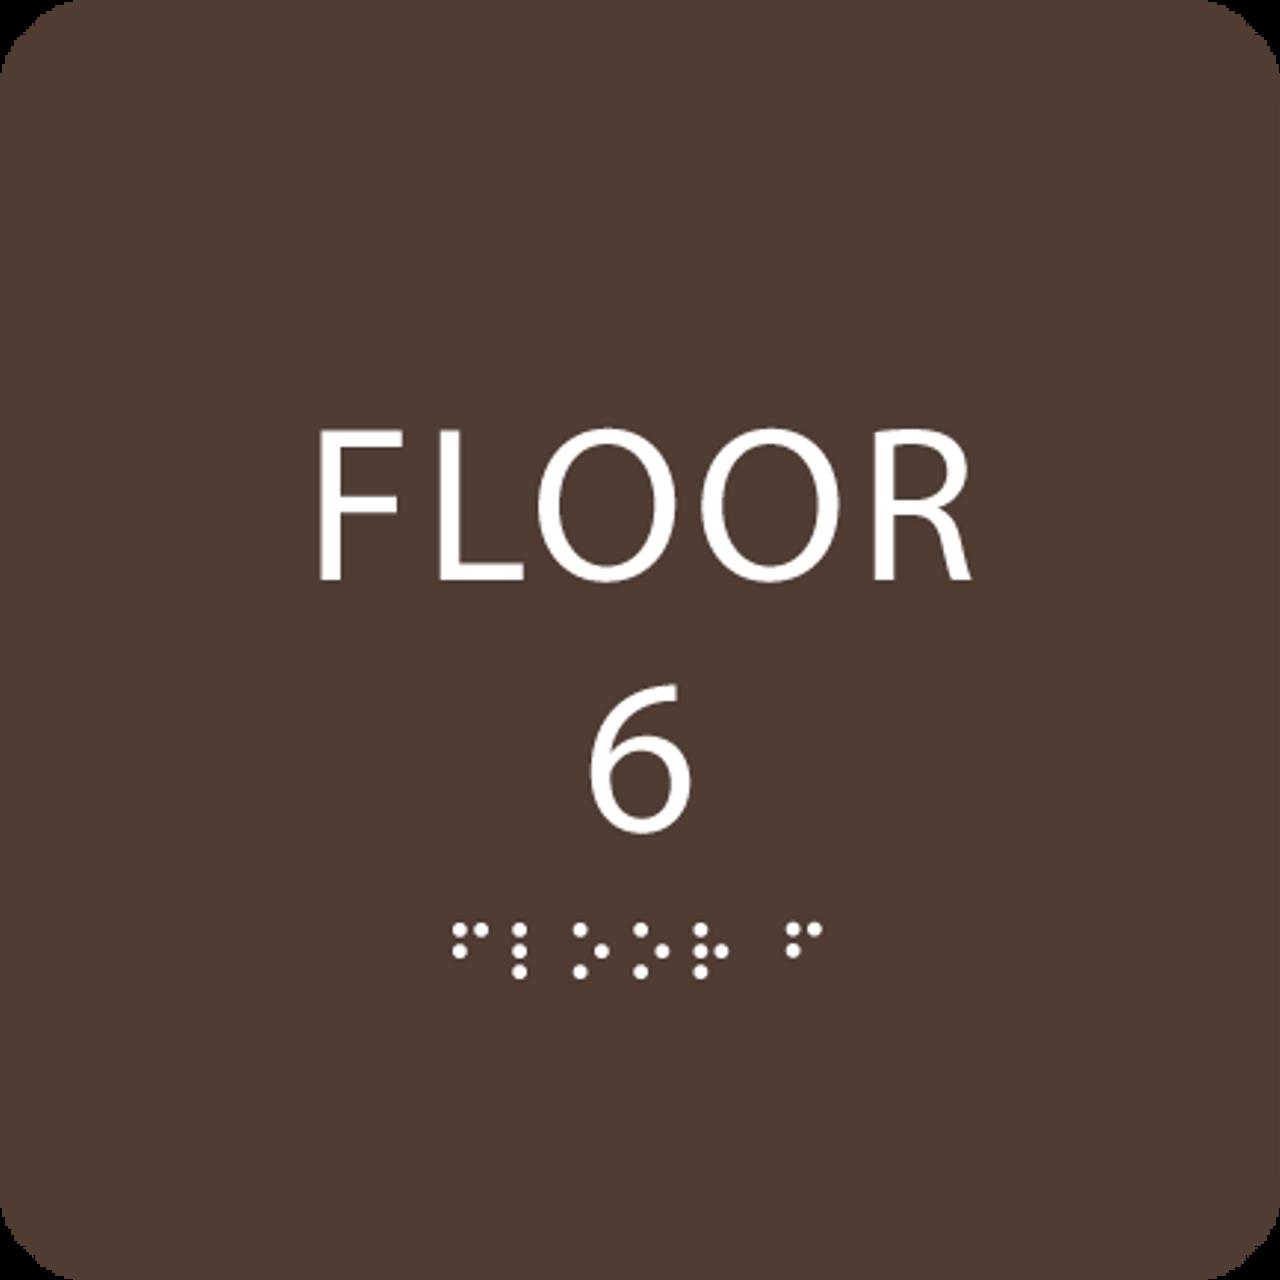 Dark Brown Floor 6 Level Identification ADA Sign